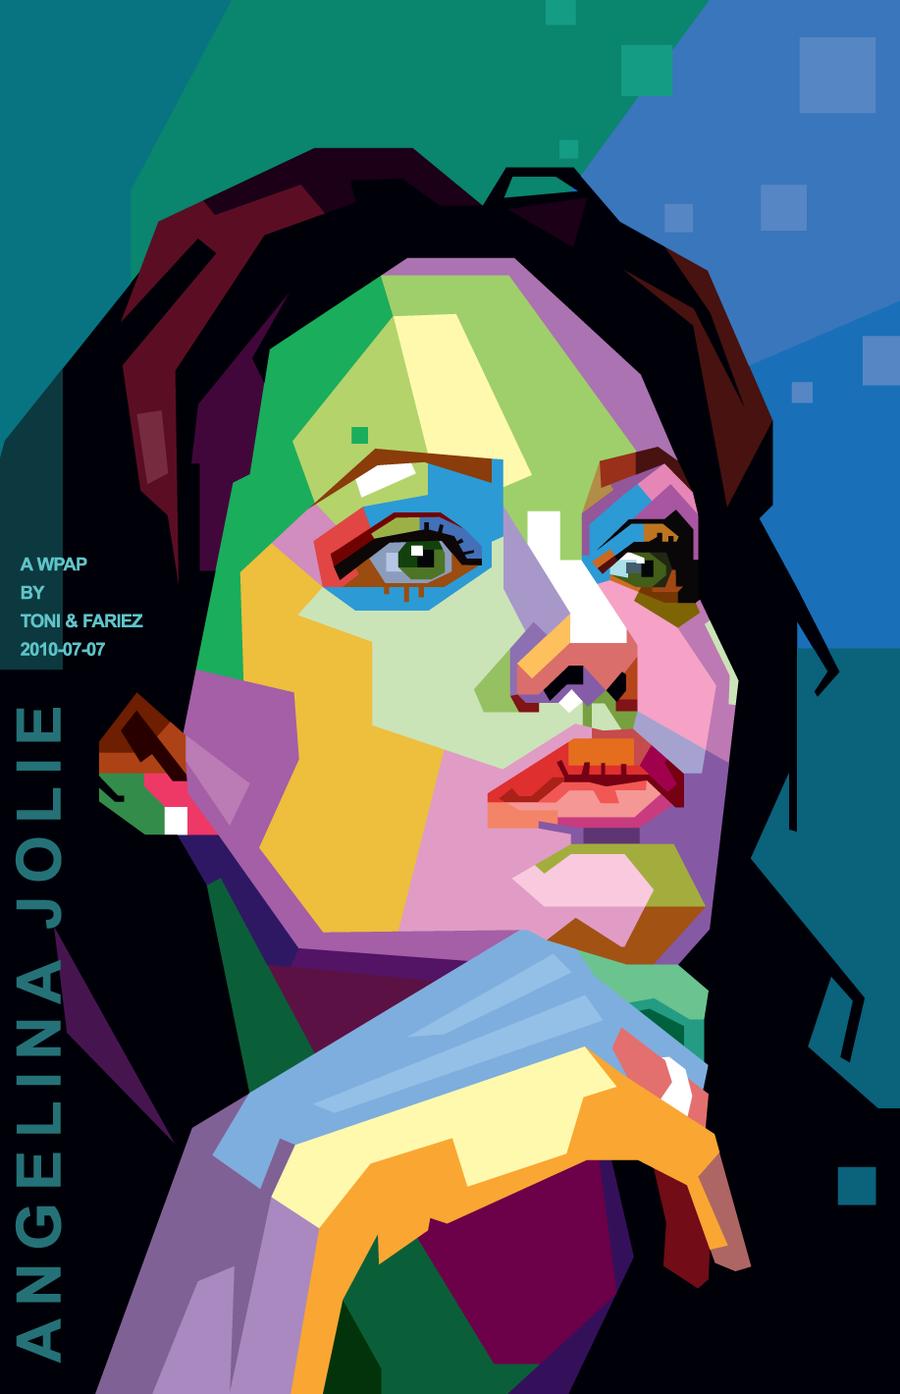 Resultados da Pesquisa de imagens do Google para http://fc09.deviantart.net/fs71/i/2010/221/a/6/Angelina_Jolie_in_WPAP_by_toniagustian.png